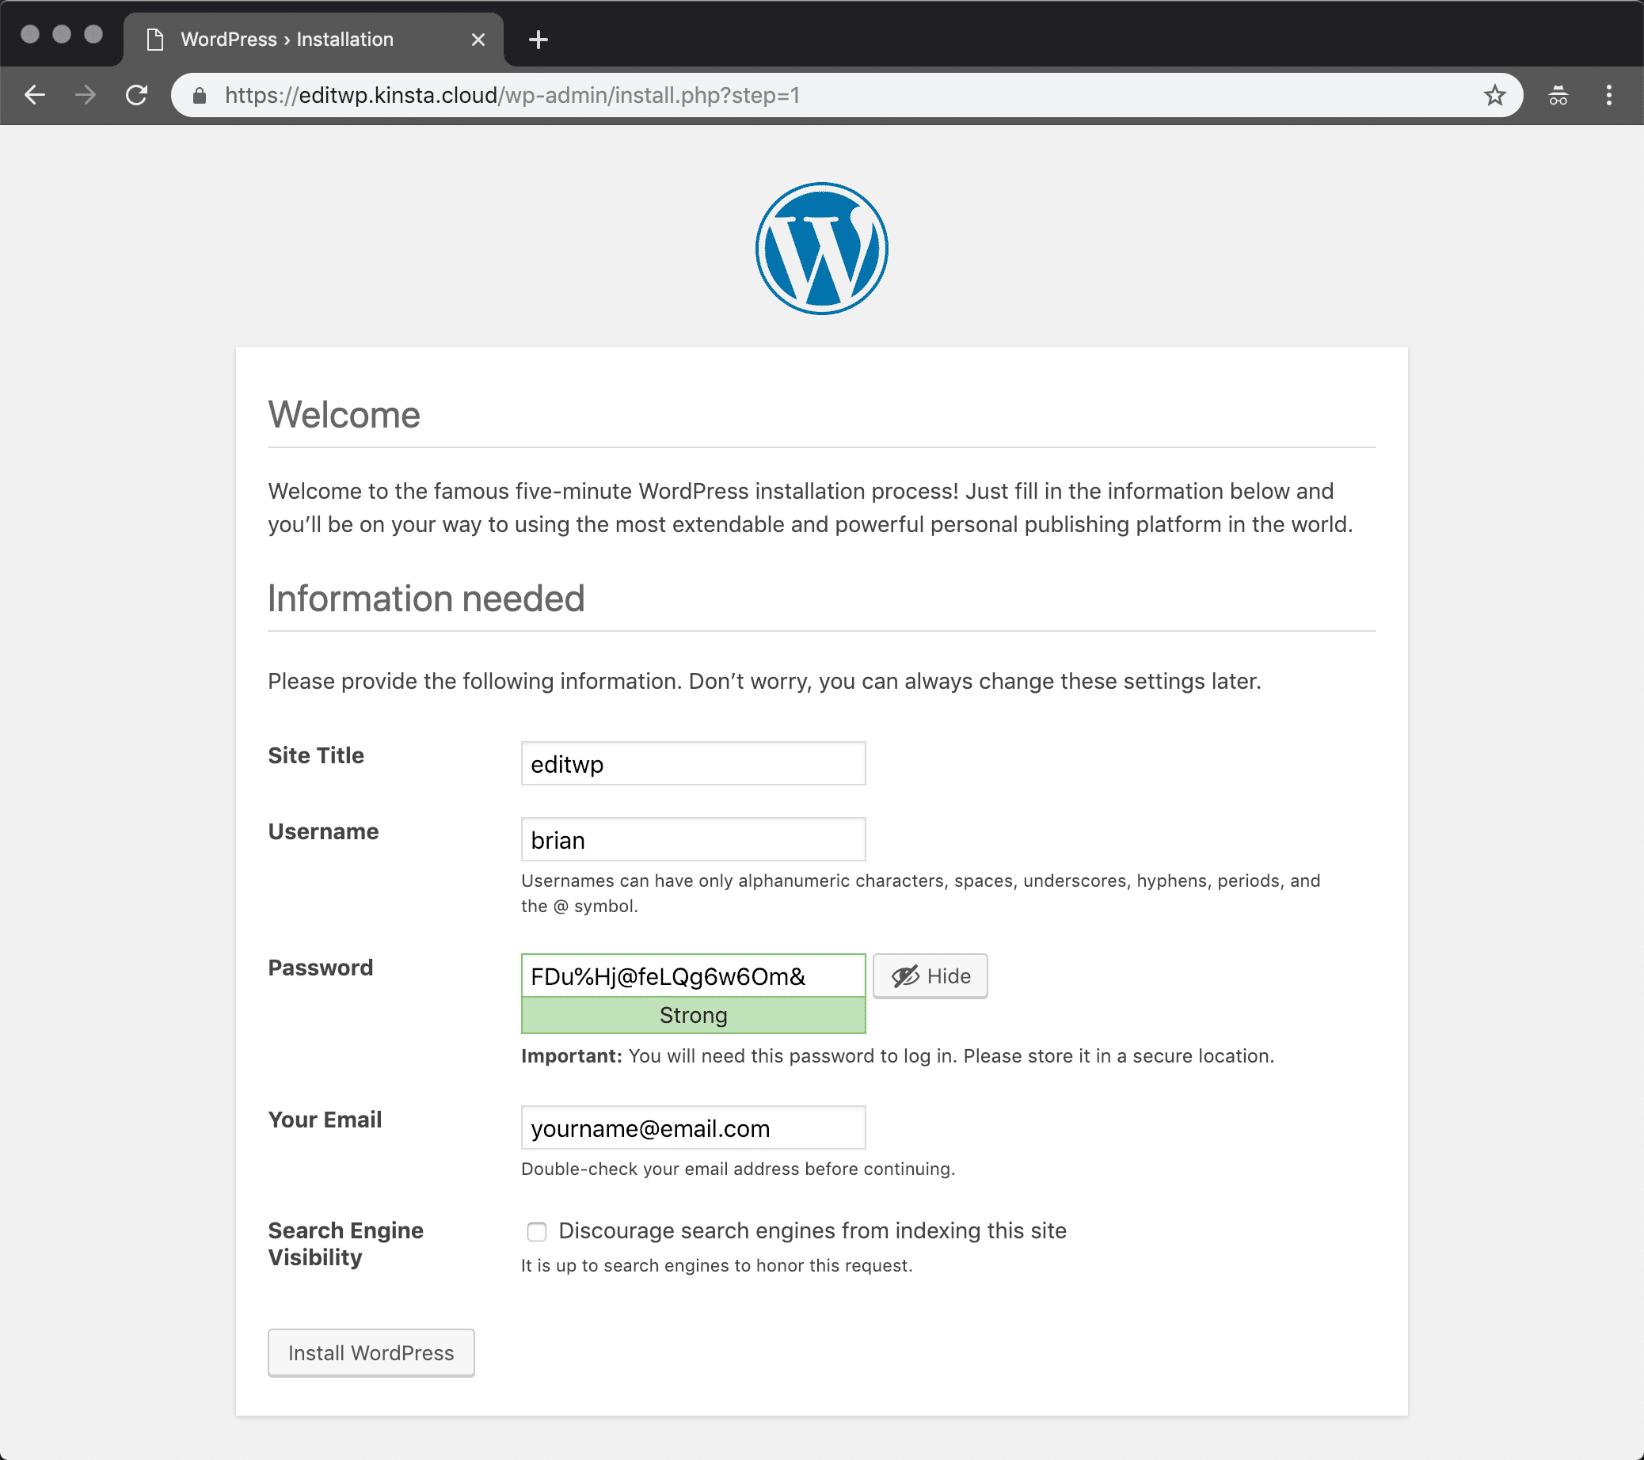 Installer WordPress manuelt - nødvendige oplysninger